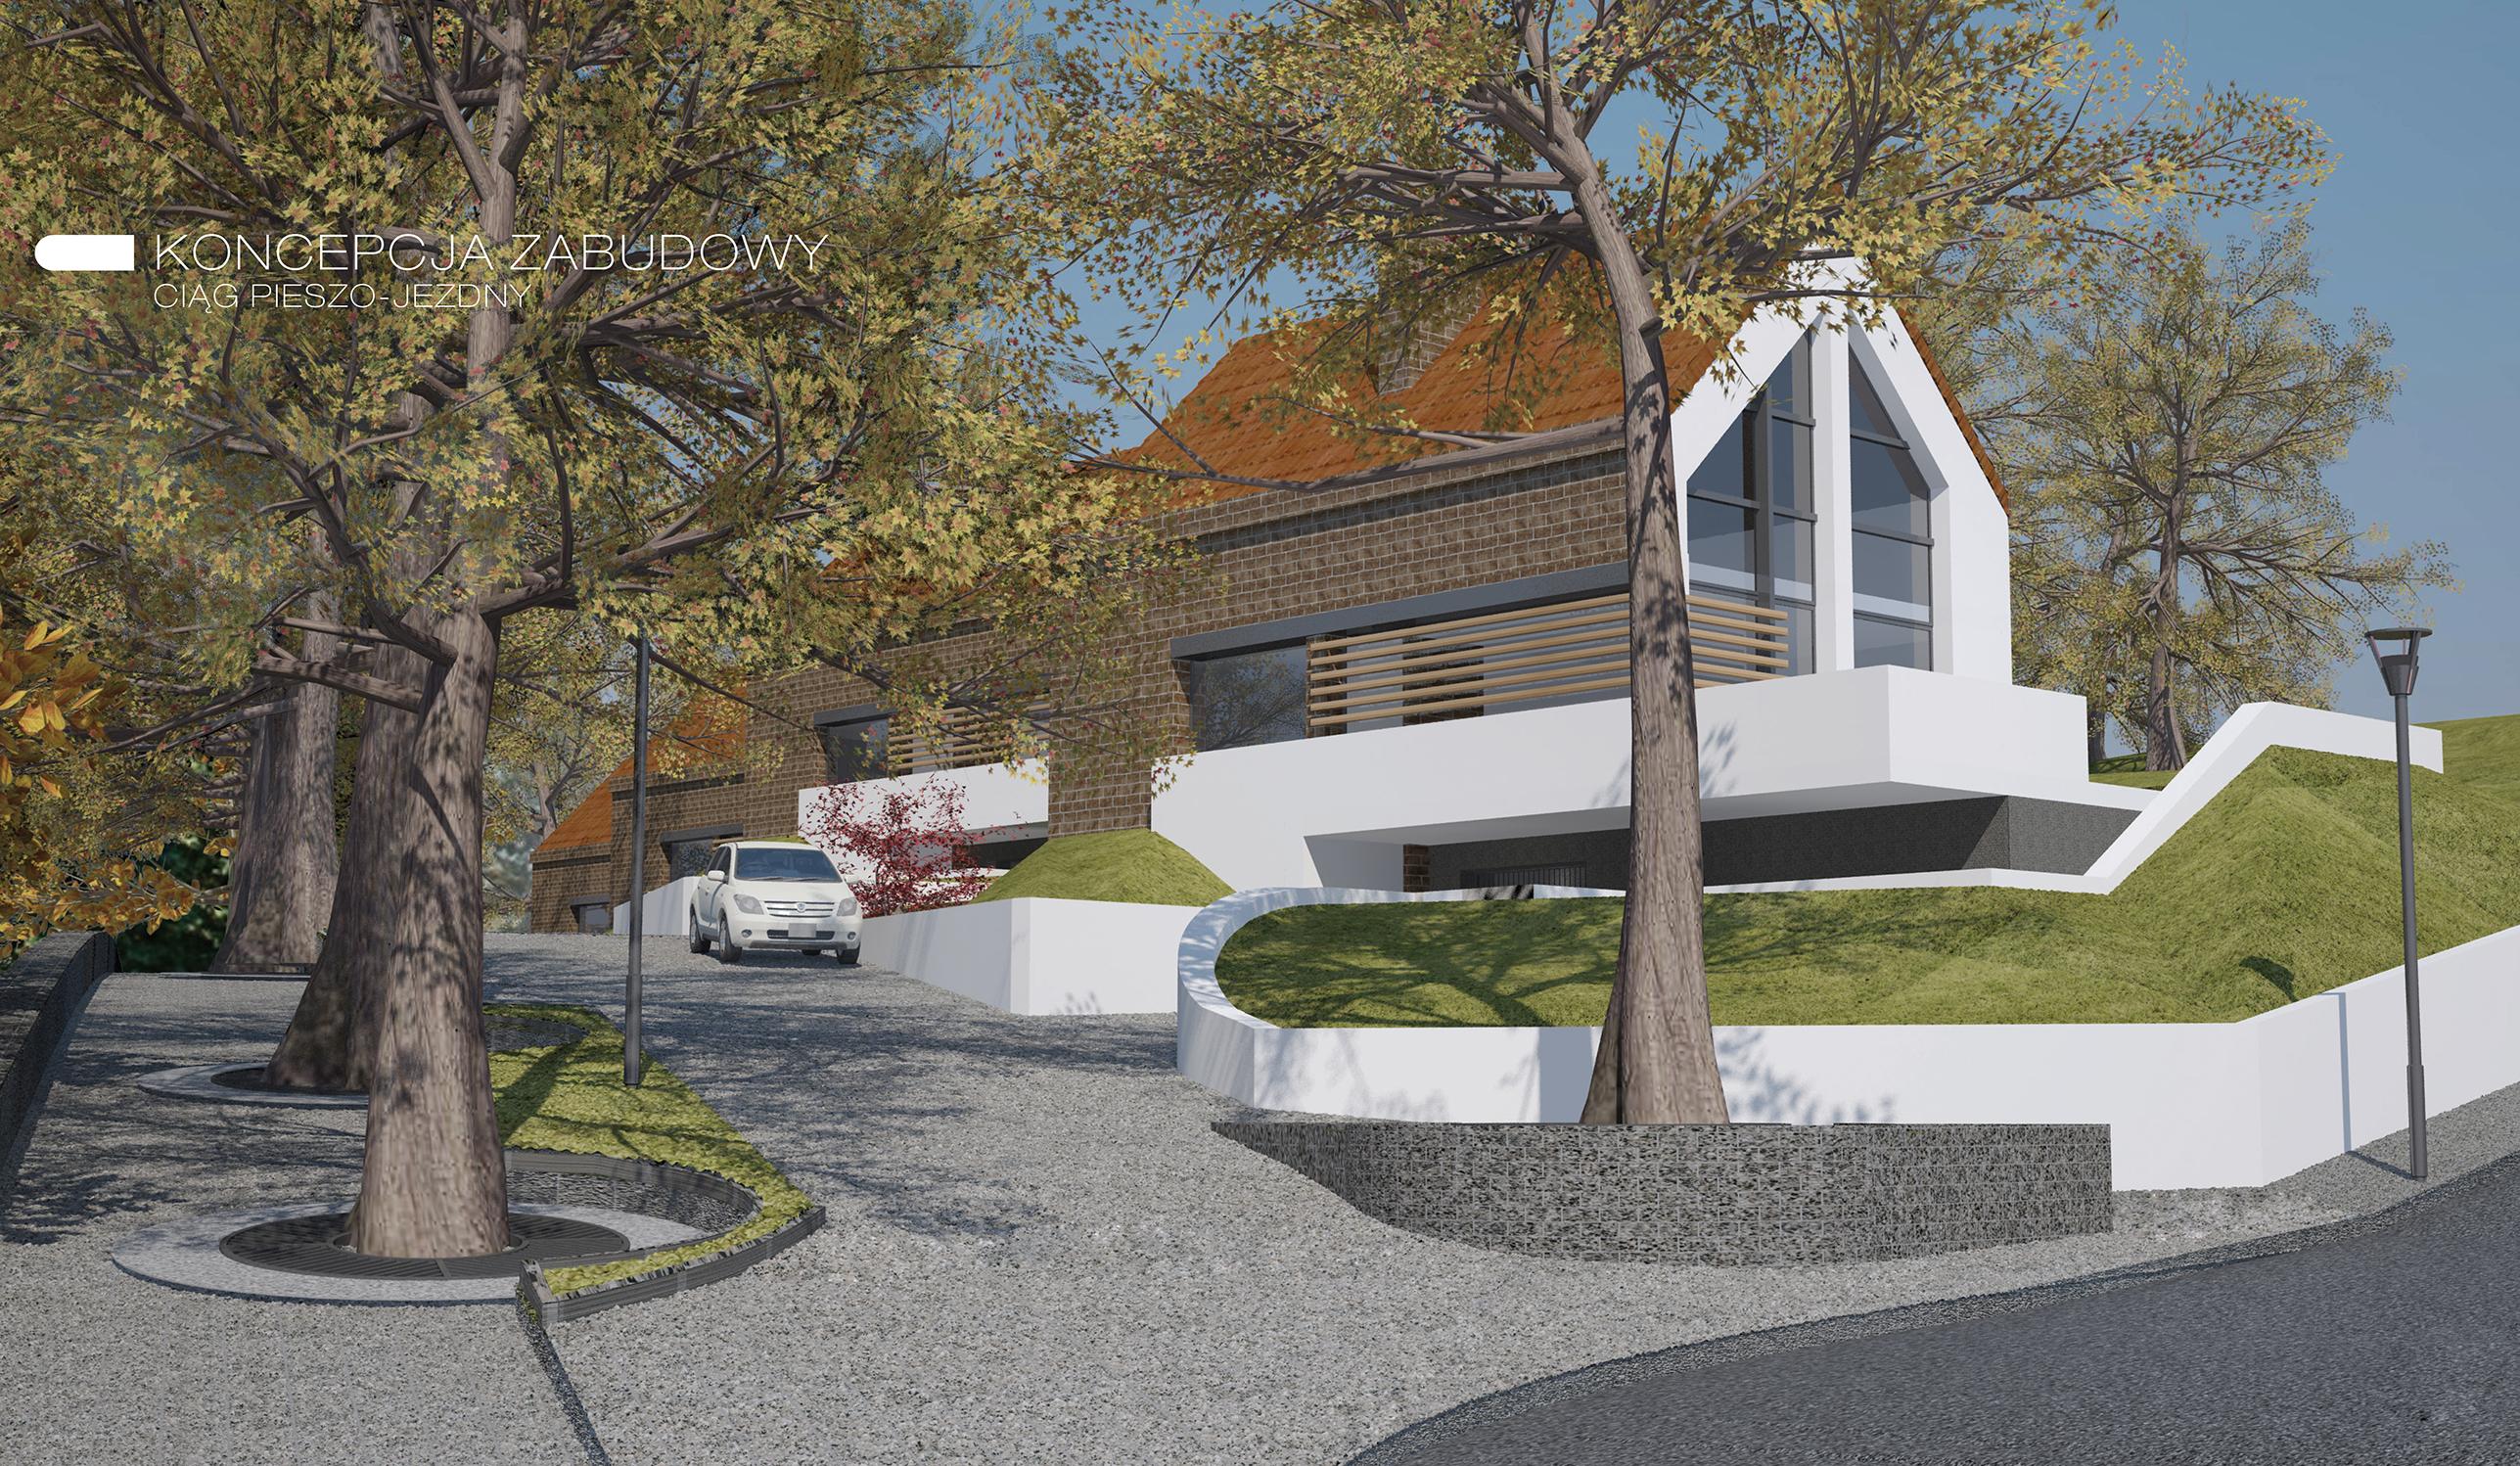 WEGORZEWO sis architekci architektura urbanistyka projektowanie architekt poznań dom domy energooszczedne pasywne